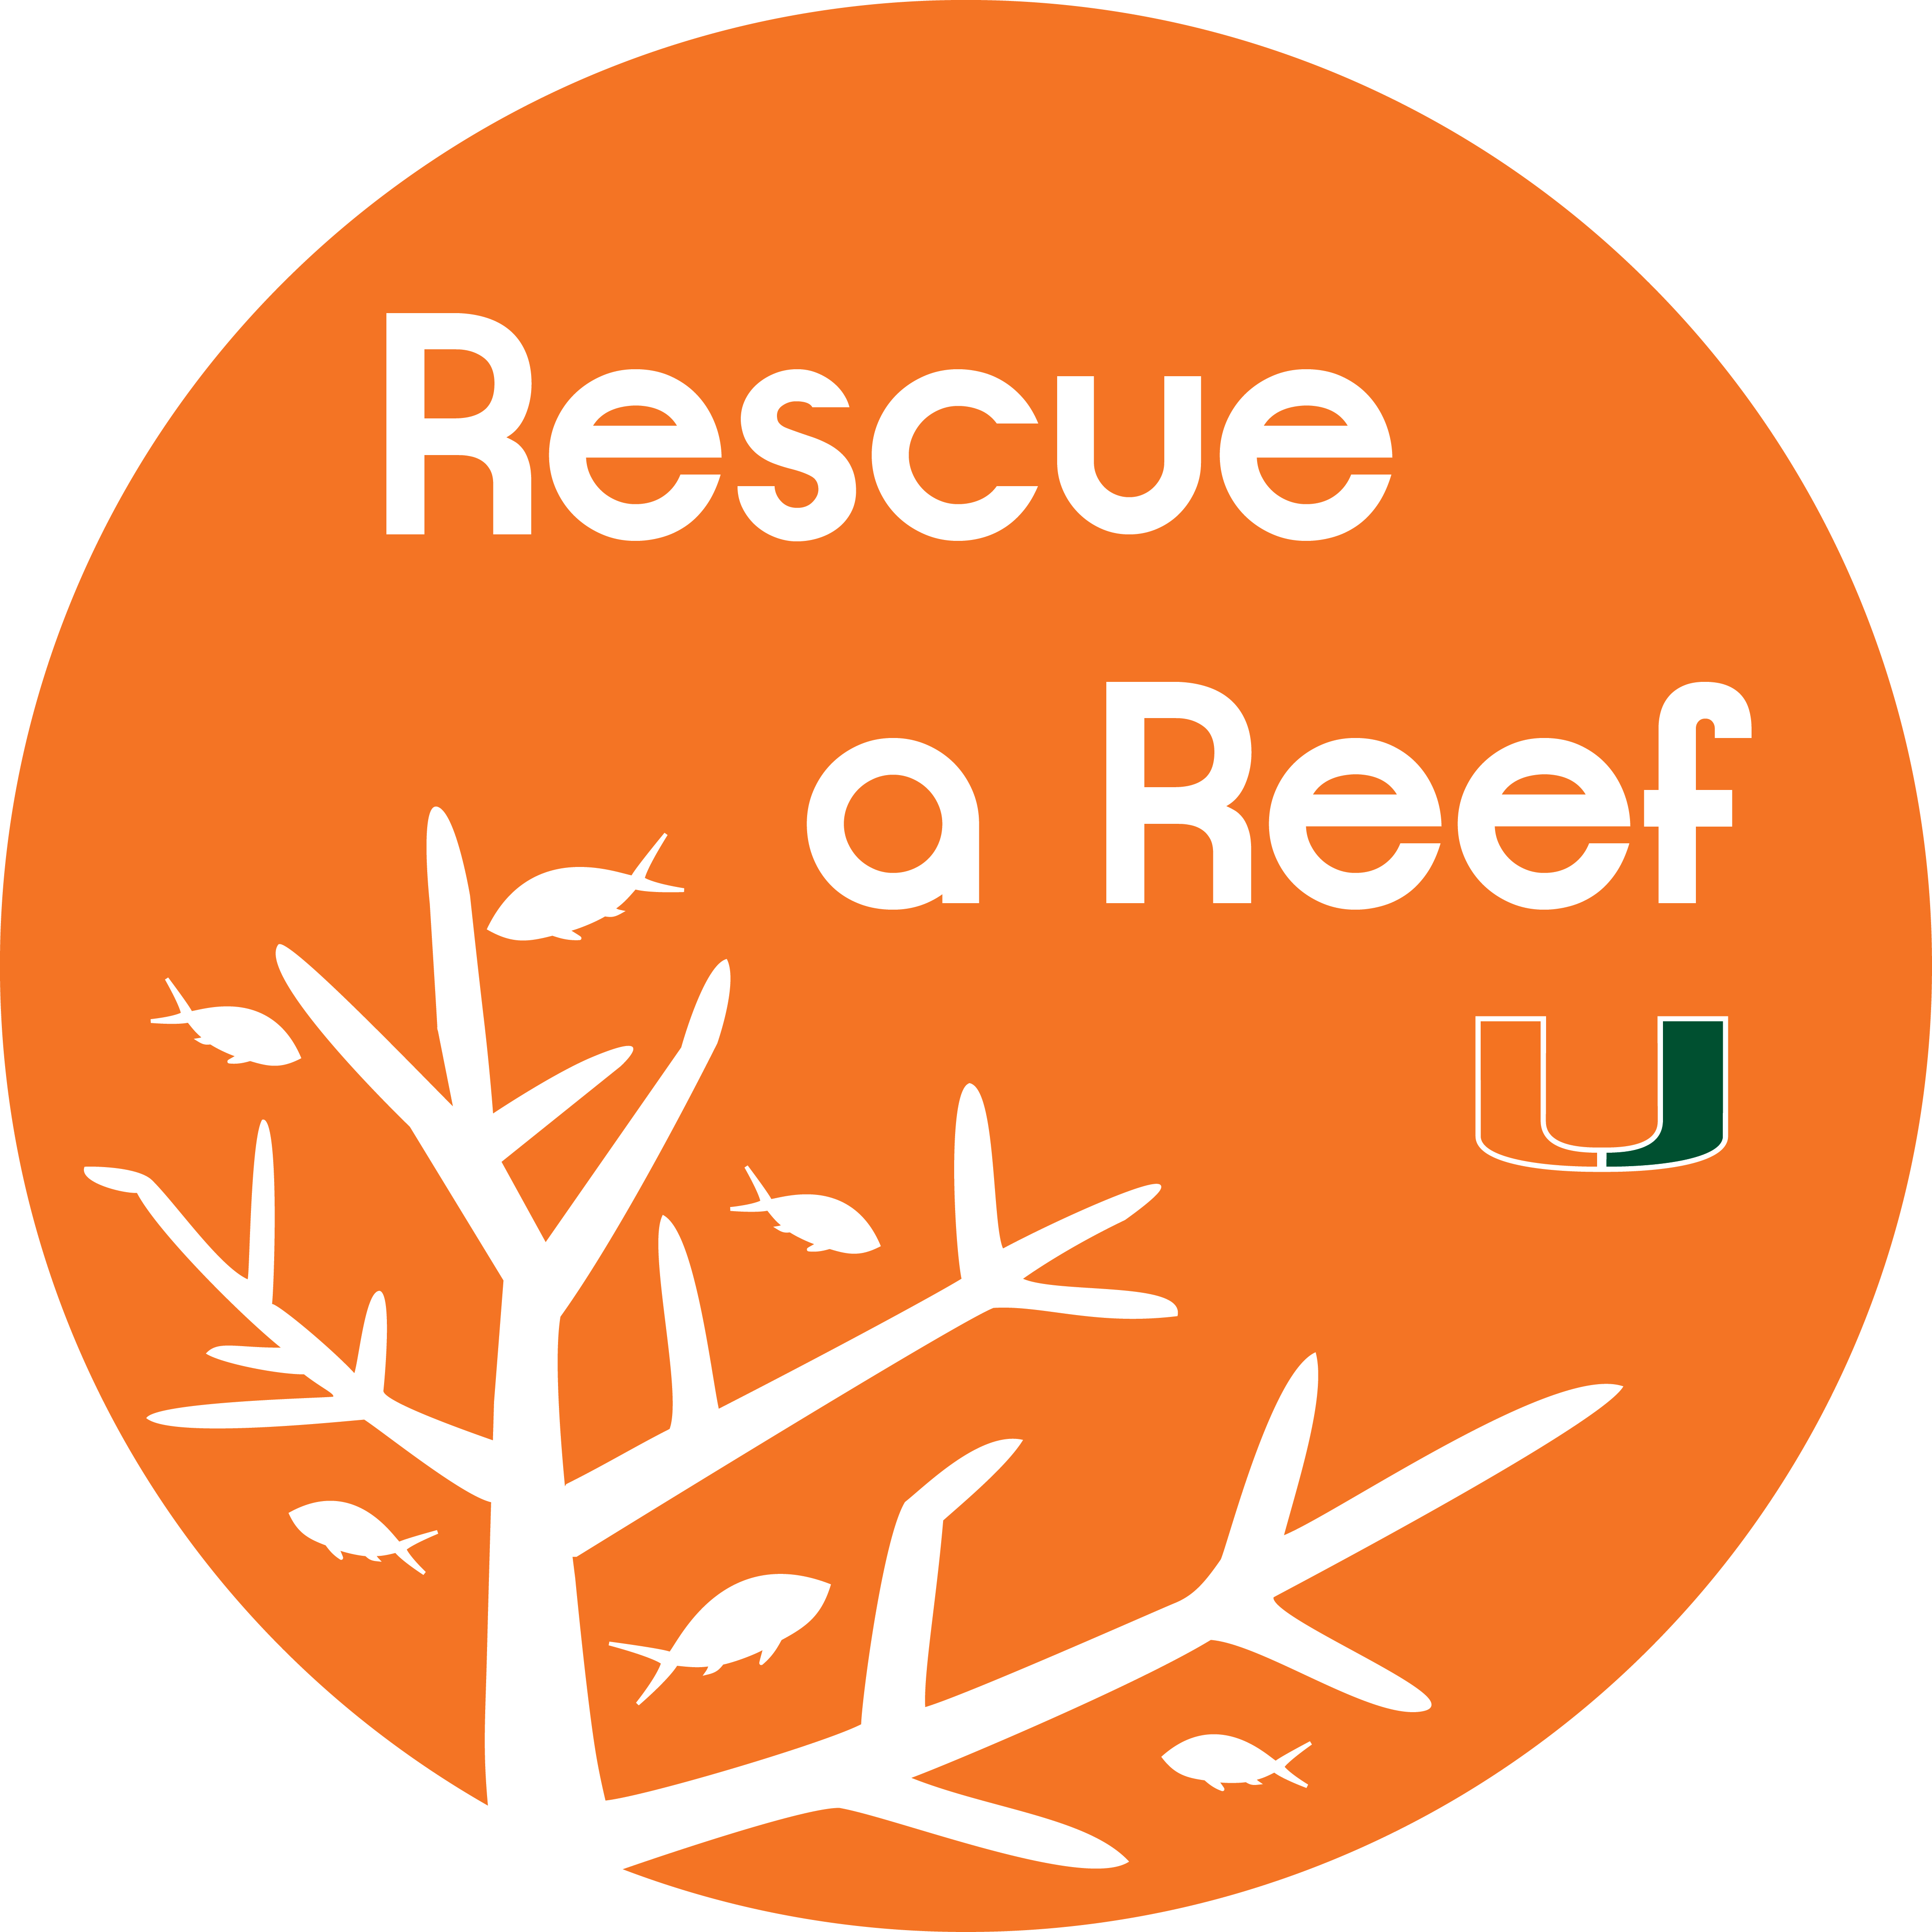 Rescue a Reef